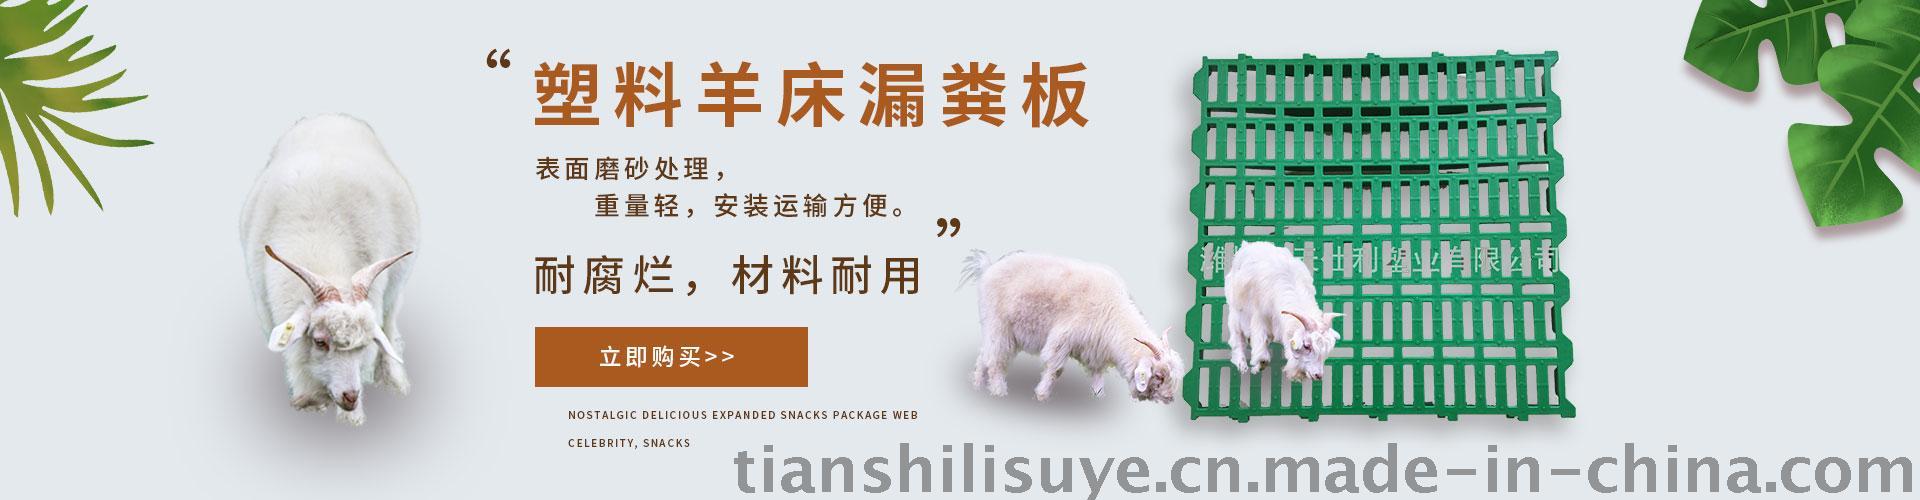 潍坊市天仕利塑业有限公司